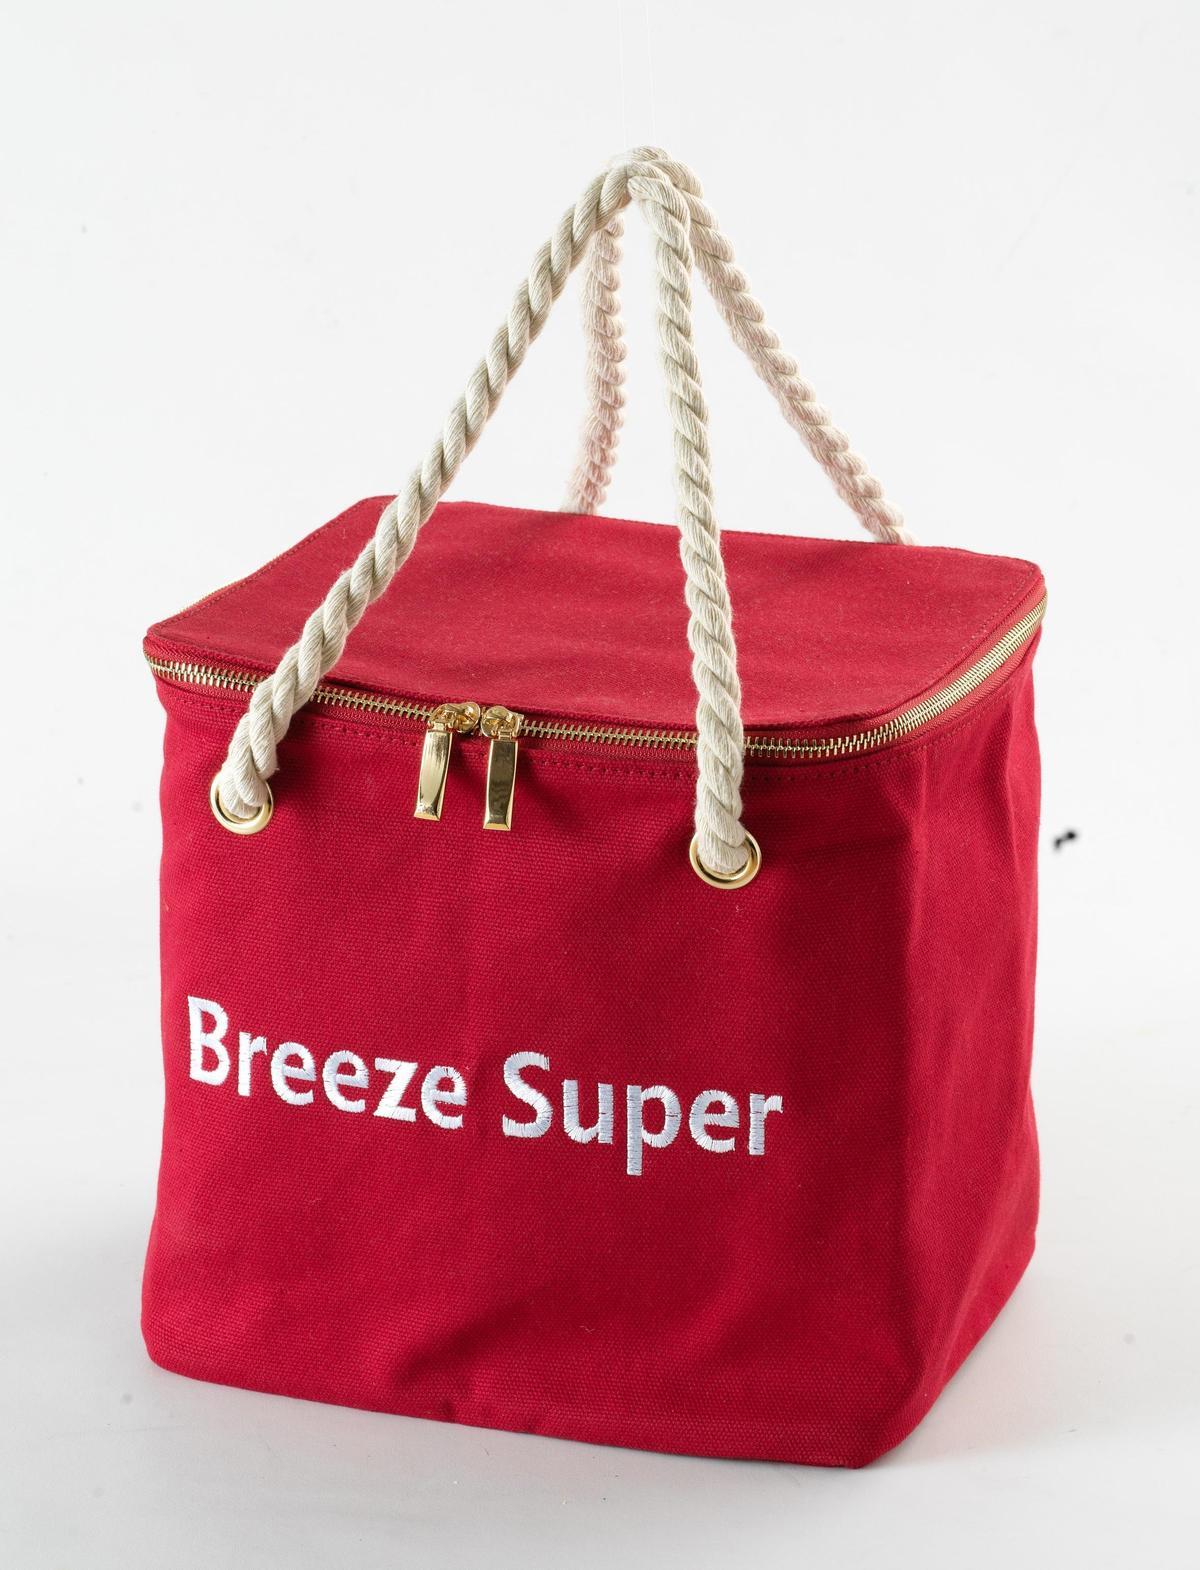 週年慶首四日,購物滿額贈送品牌時尚環保袋、保冷袋。